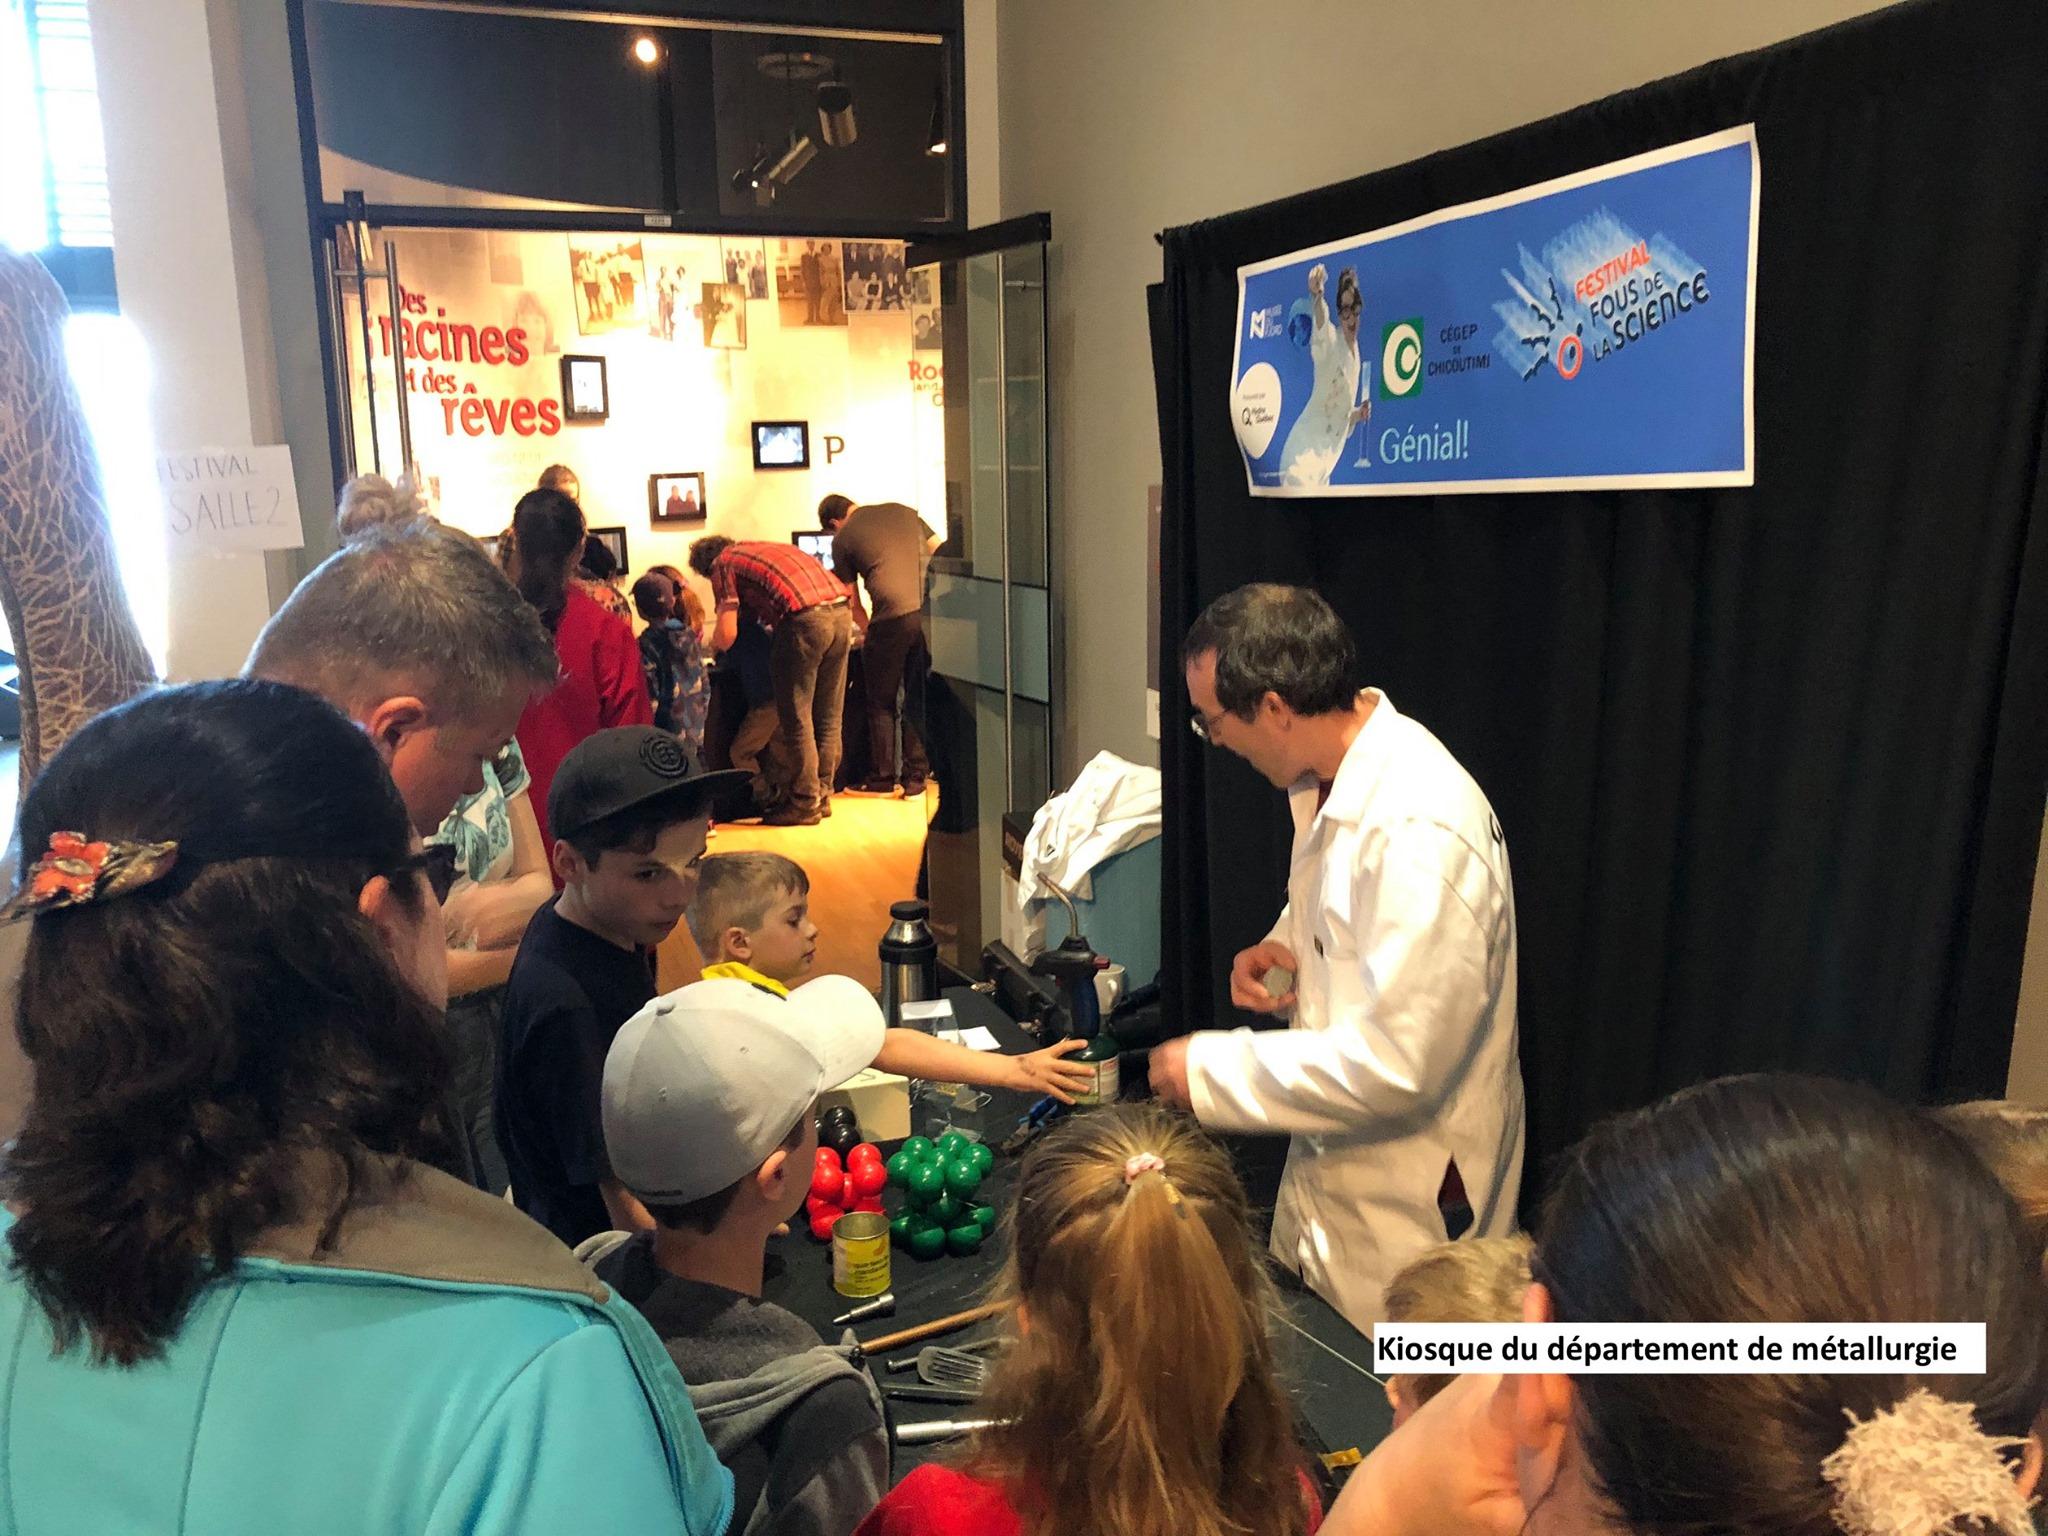 Les départements de Métallurgie, de Biologie et de Chimie du Cégep de Chicoutimi, le Centre de démonstrations scientifiques (CDS) et le Club Asimov ont été de fiers partenaires du Festival Fous de la science qui se tenait le week-end dernier au Musée du Fjord à La Baie.